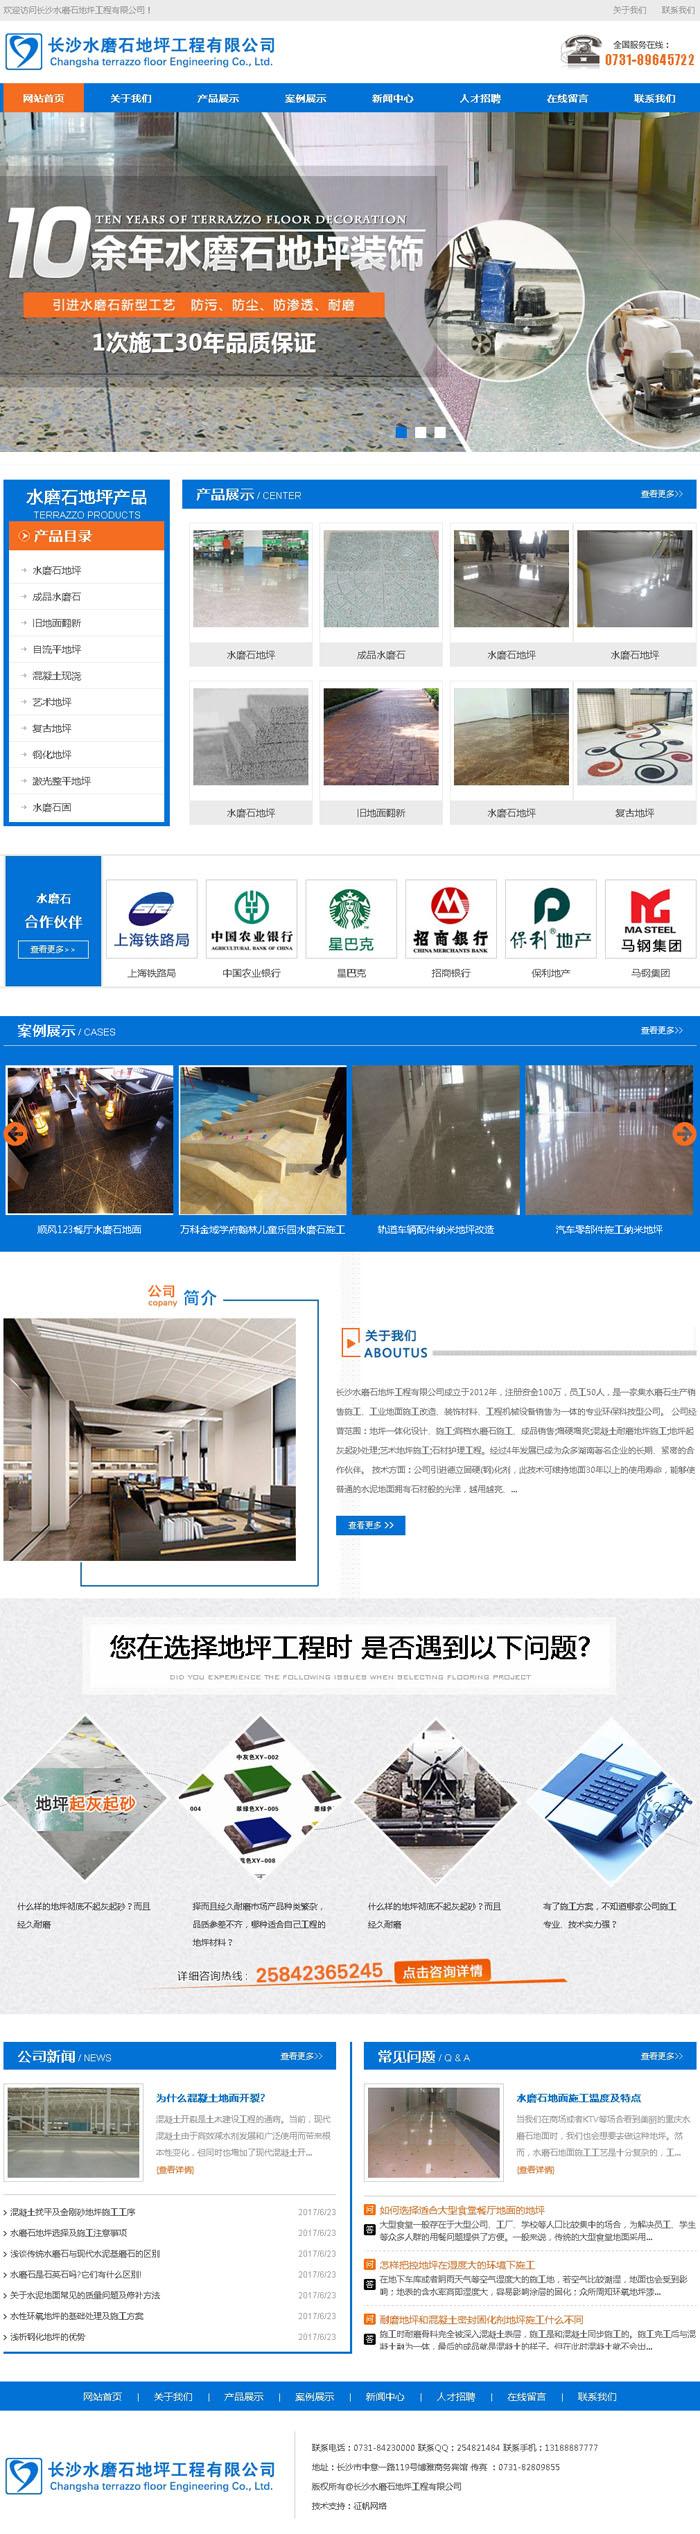 长沙水磨石地坪工程有限公司网站效果图